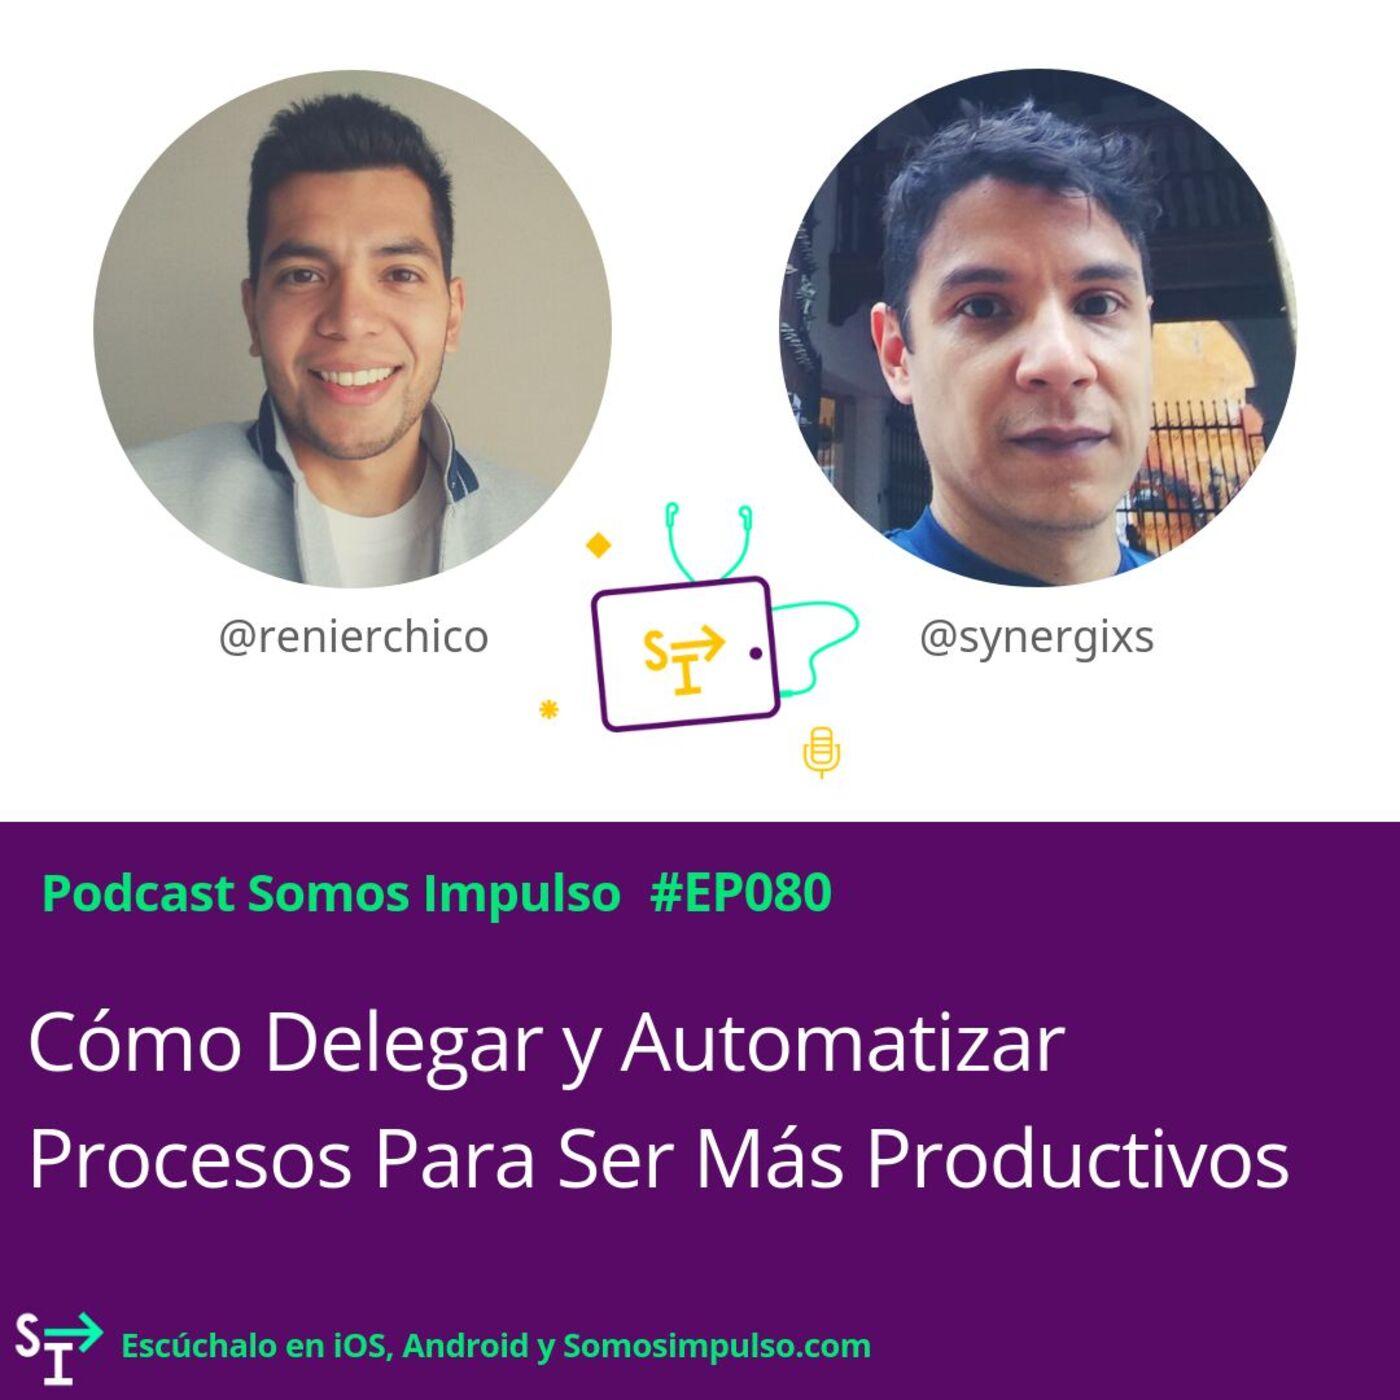 SI EP080- Cómo Delegar Y Automatizar Procesos Para Ser Más Productivos Y 5 Buenas Noticias